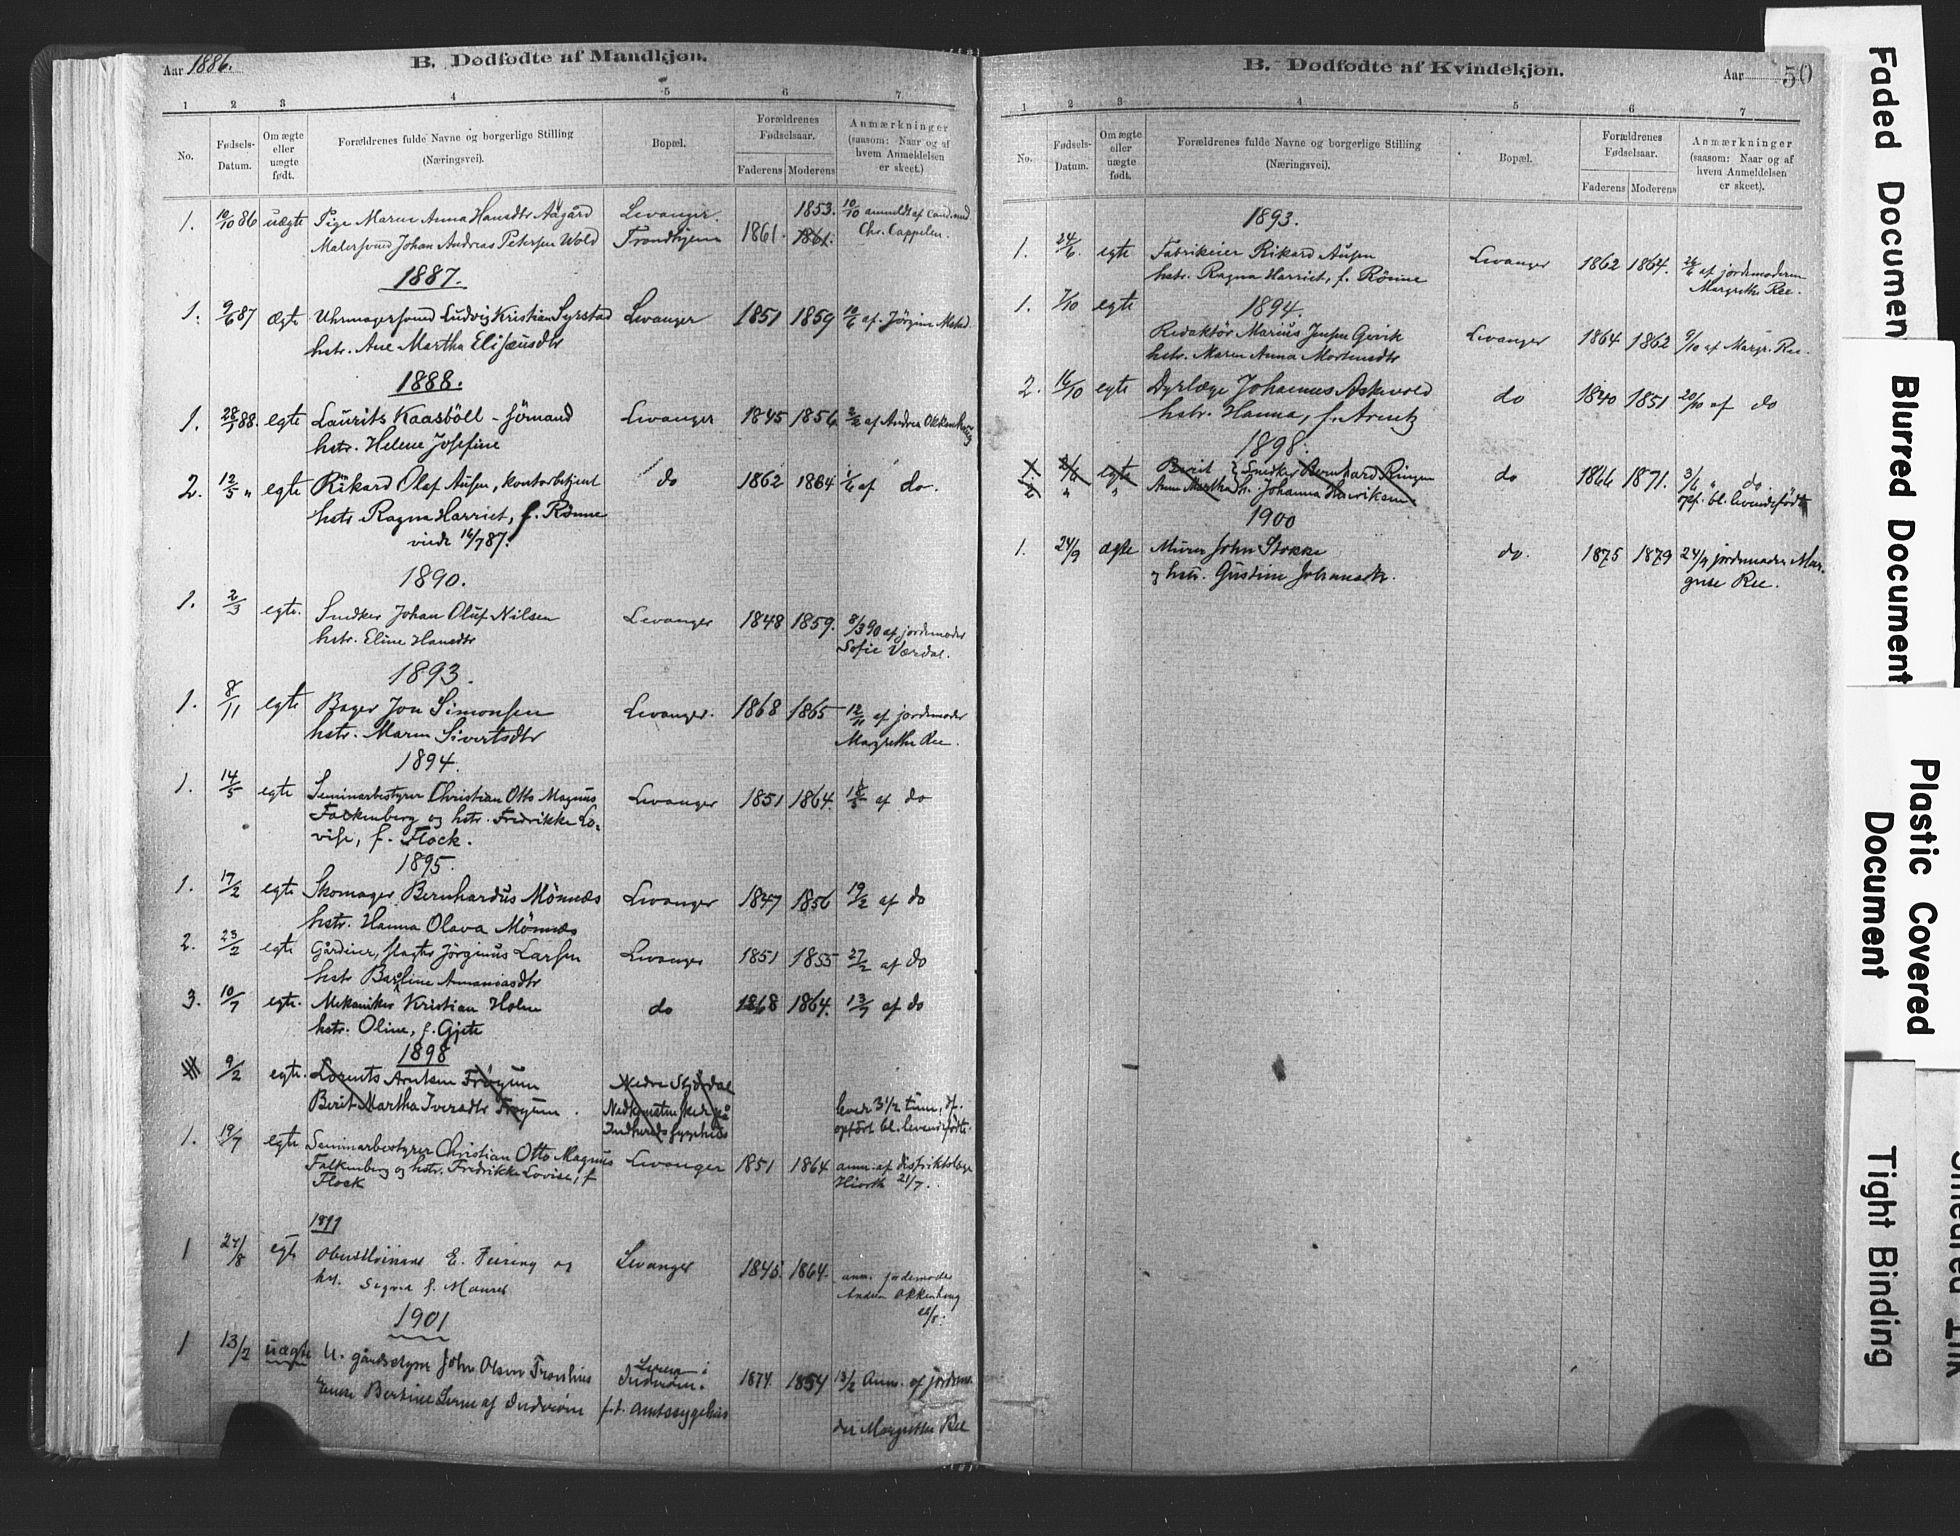 SAT, Ministerialprotokoller, klokkerbøker og fødselsregistre - Nord-Trøndelag, 720/L0189: Ministerialbok nr. 720A05, 1880-1911, s. 50